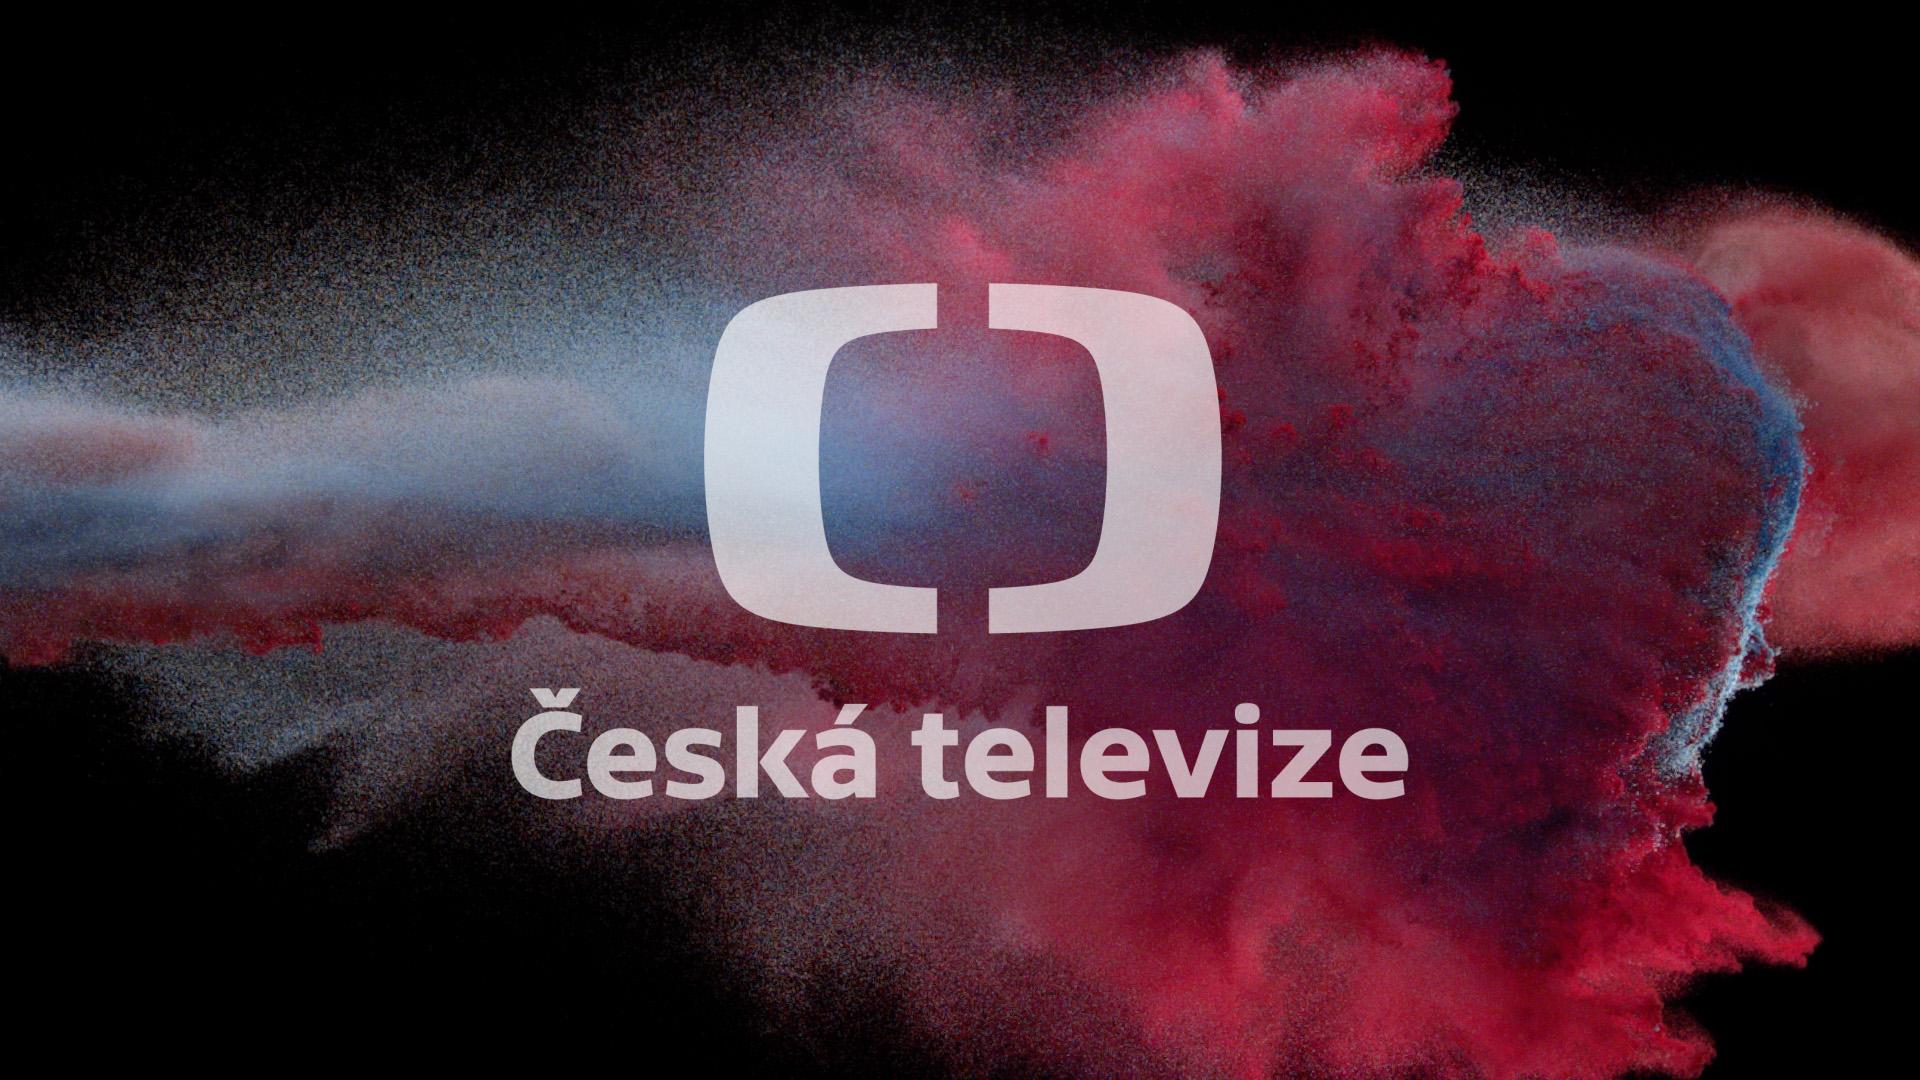 Česká televize On Air